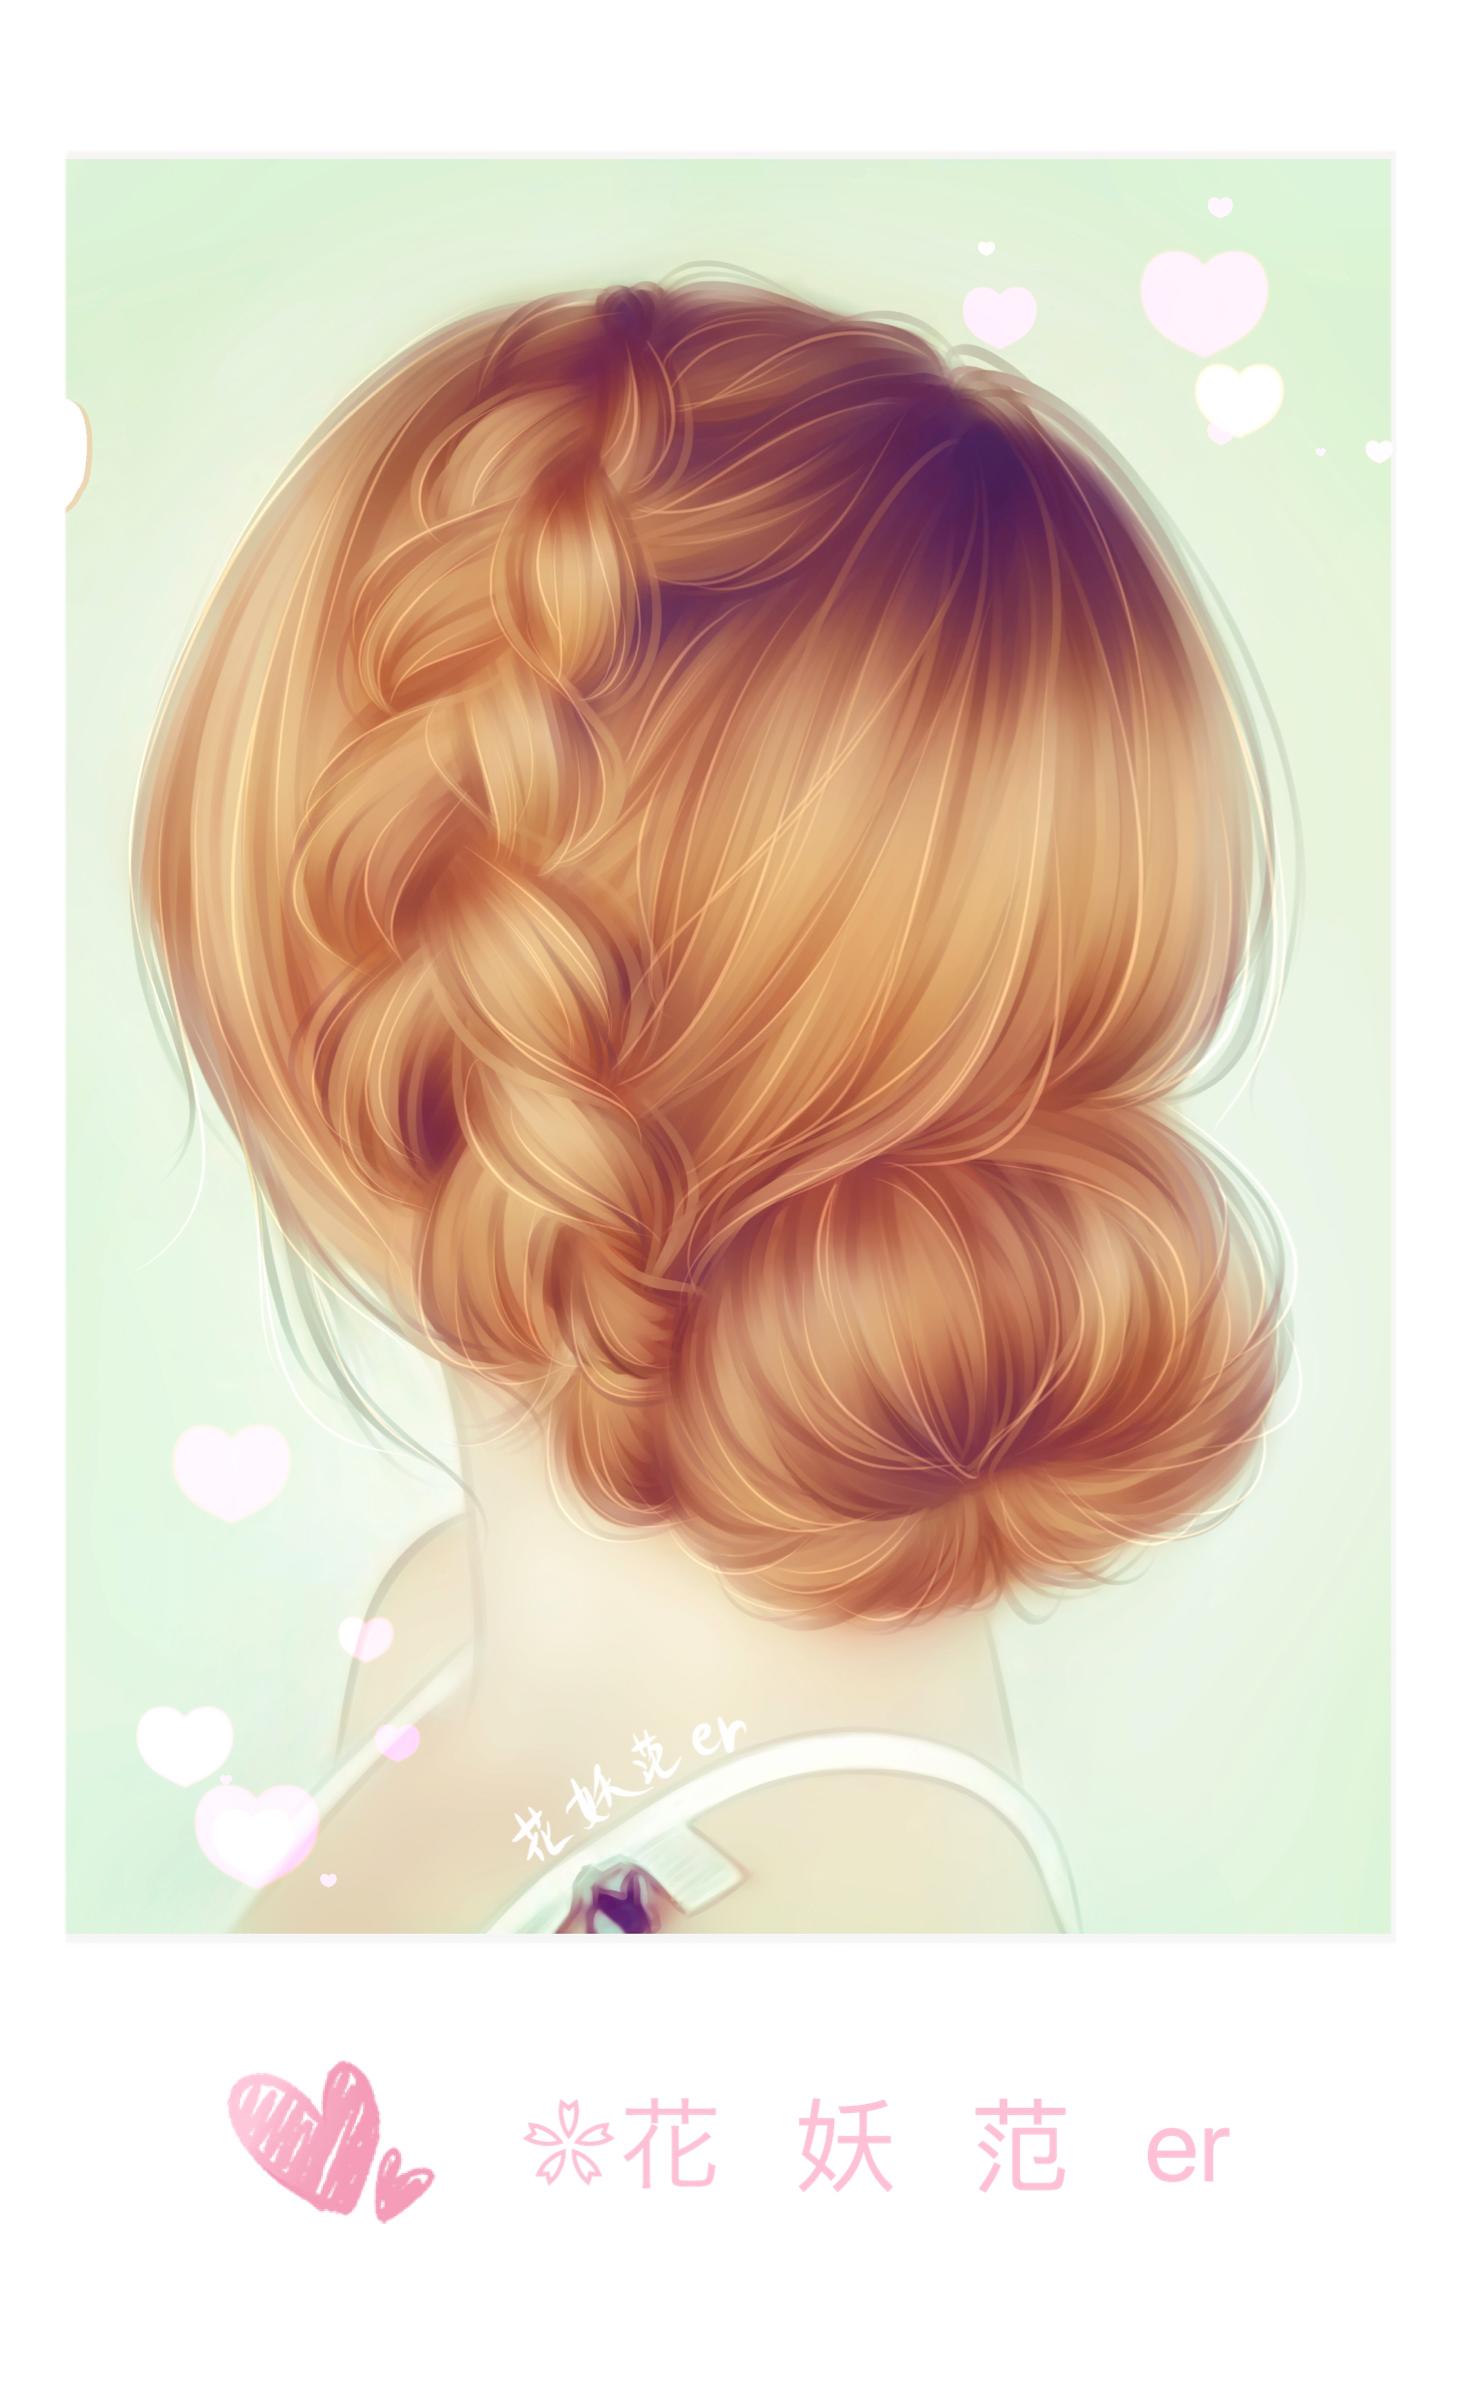 花妖转手绘之头发